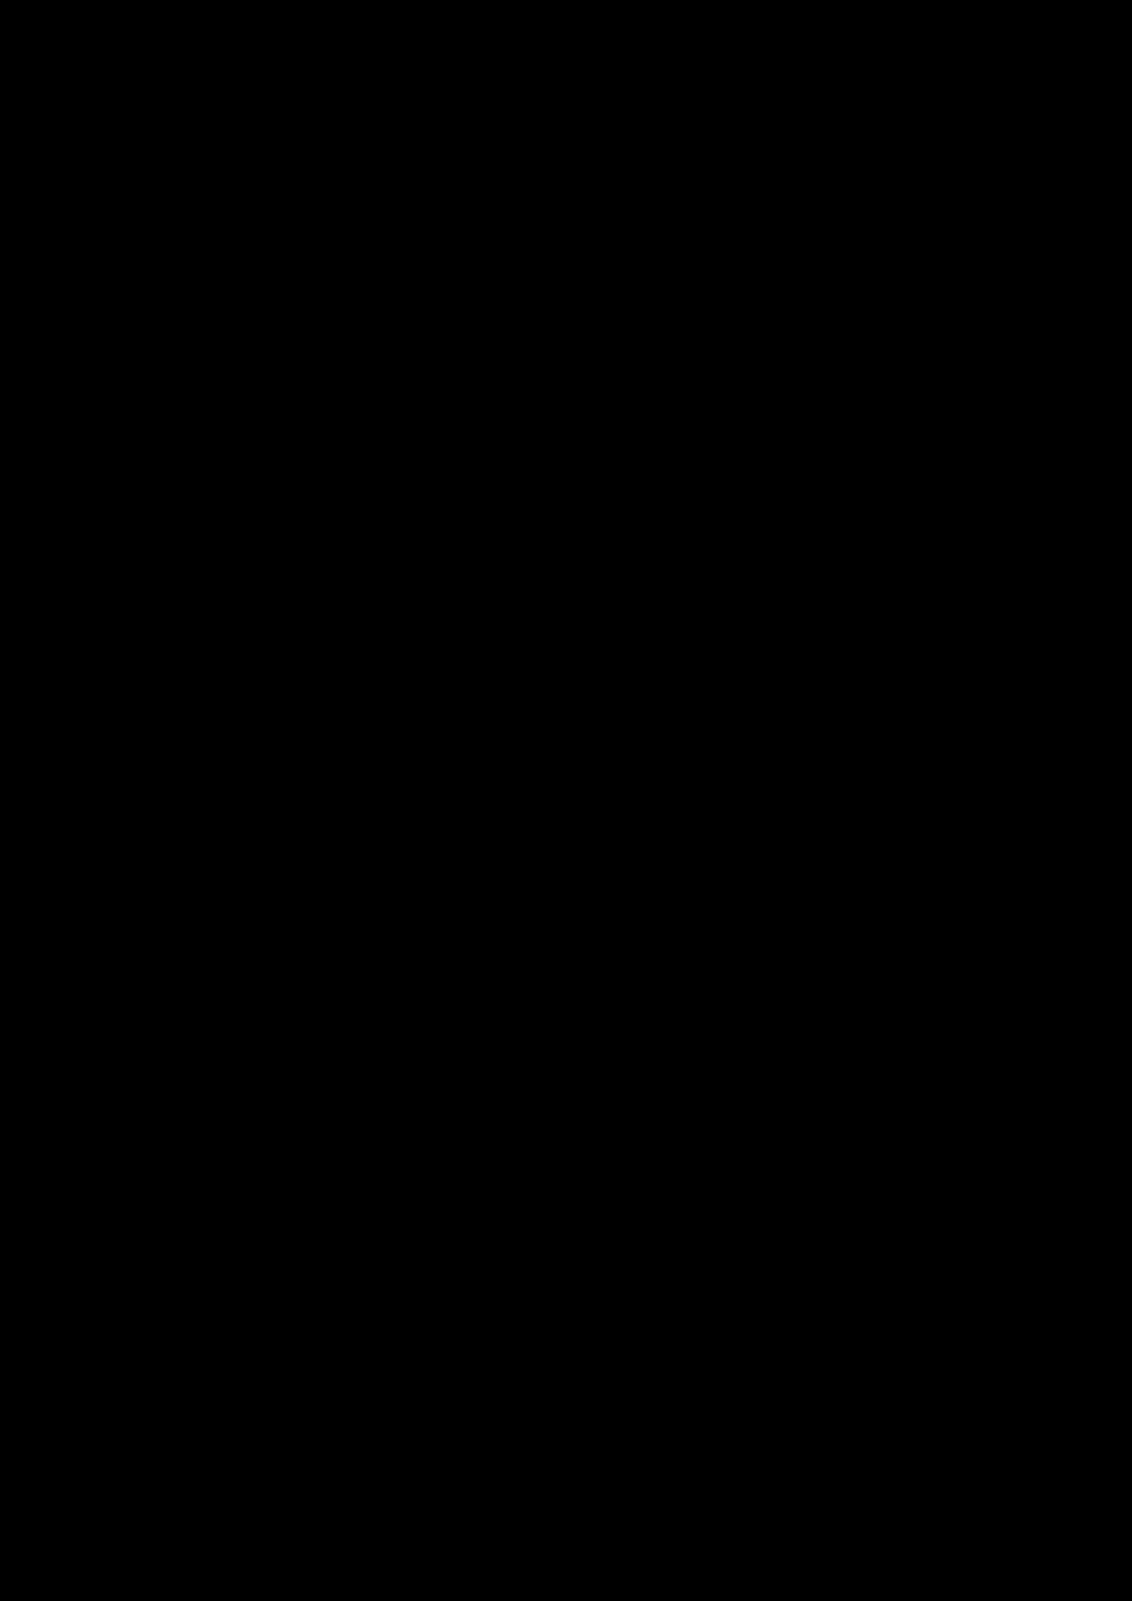 Hools slide, Image 10